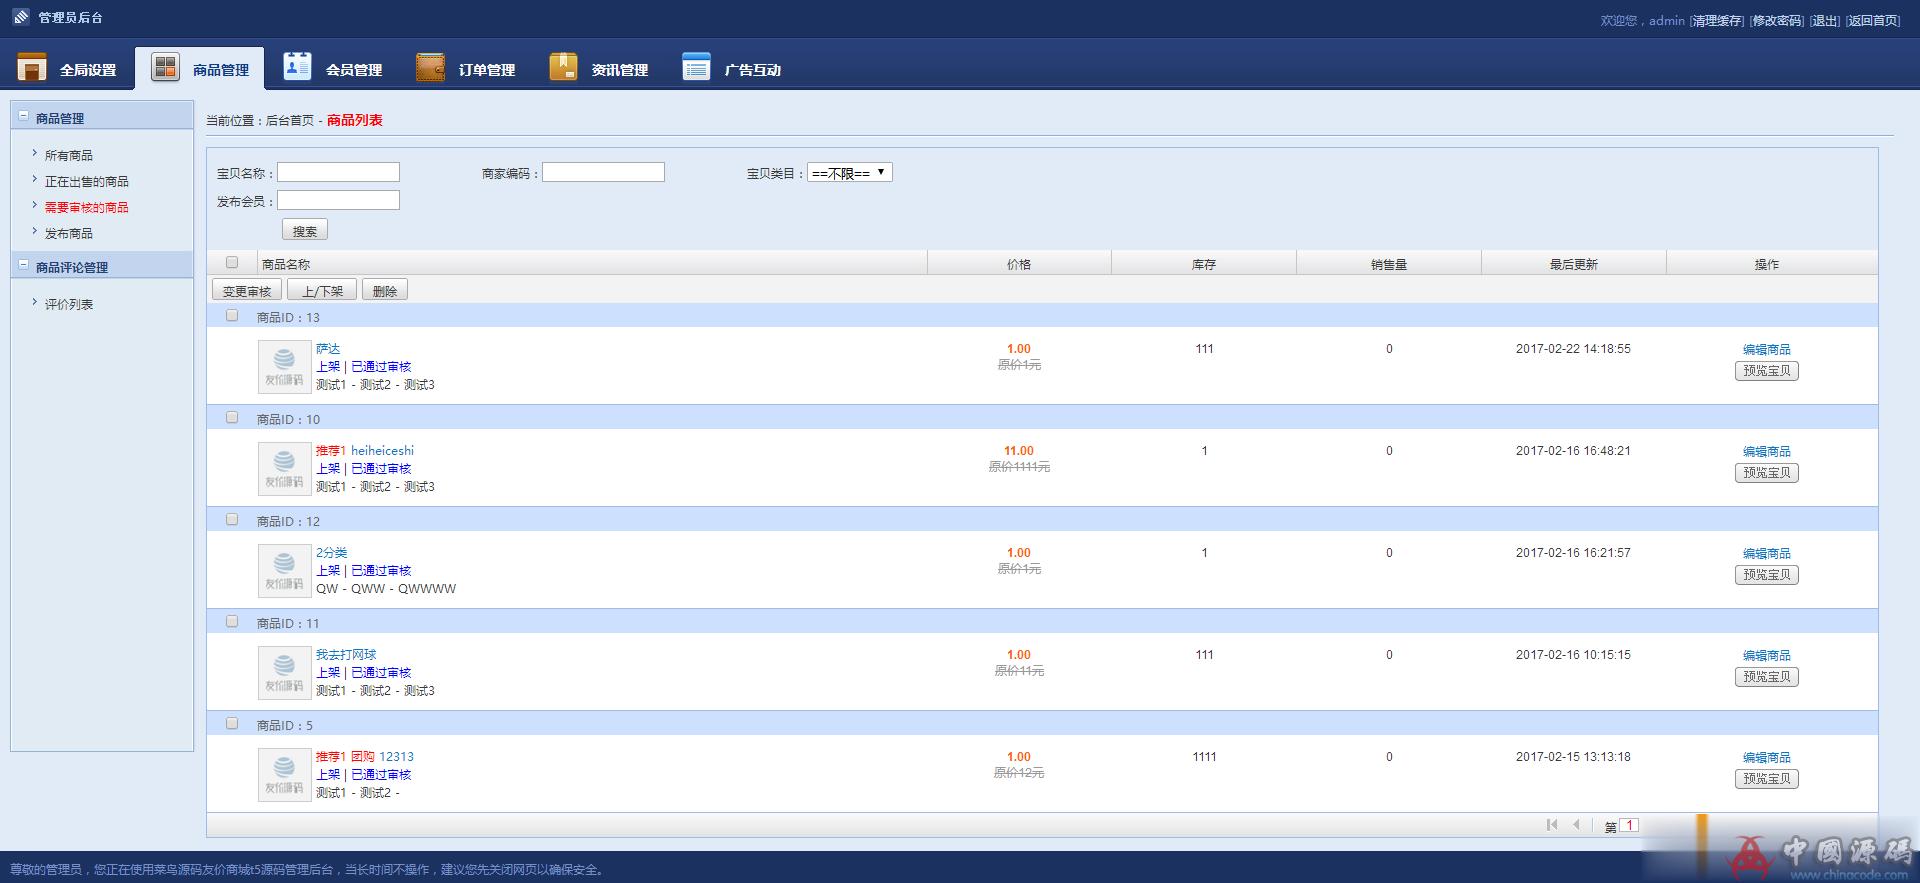 星期派正版数字交易平台源码友价T5内核加上星期派源码交易系统绿白风格模板 网站-第10张